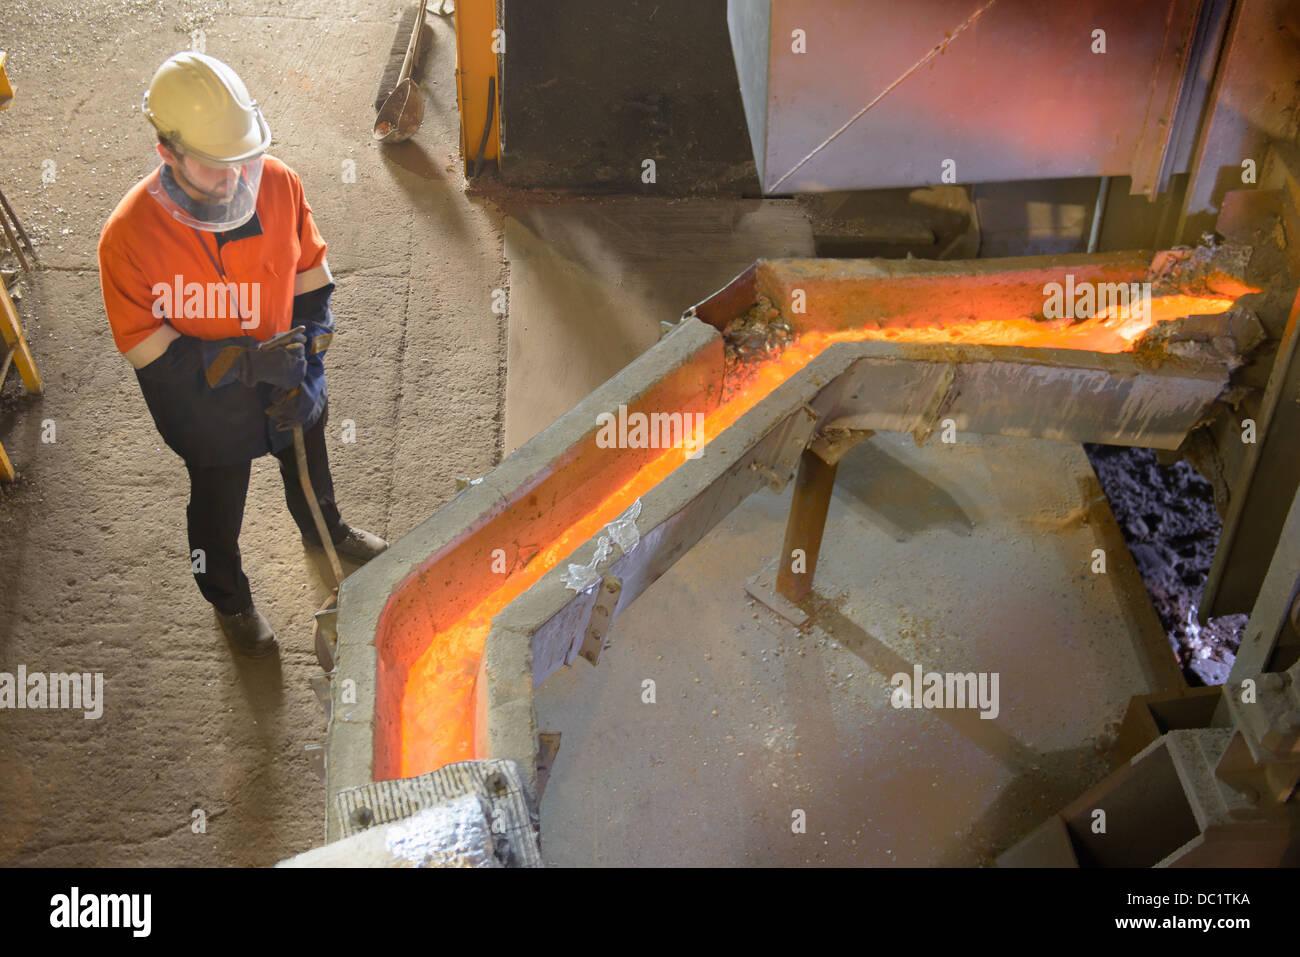 Arbeiter, die Überwachung von geschmolzenen Metalls in Aluminium-recycling-Anlage Stockbild